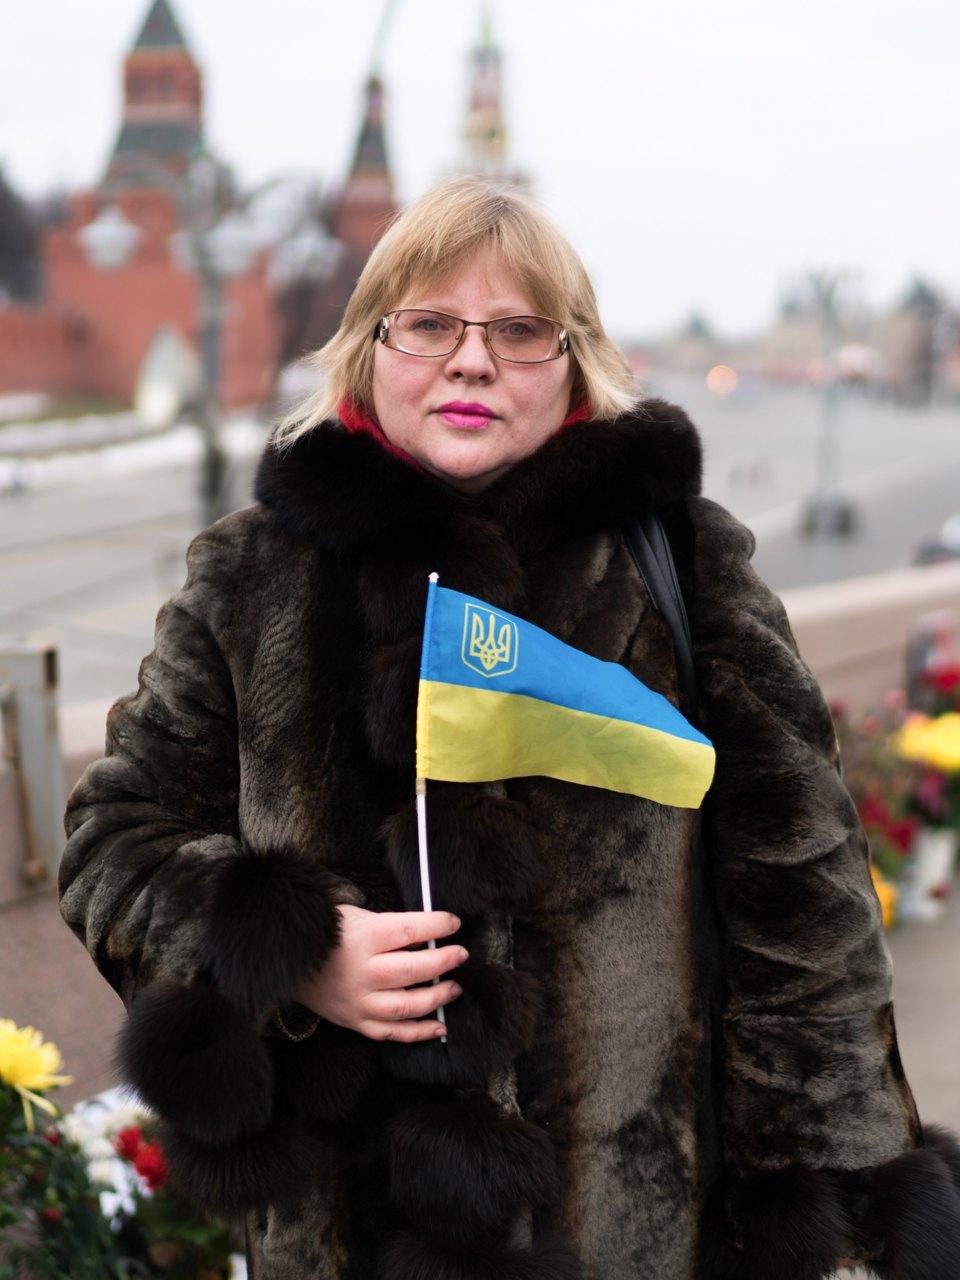 Защитники «Немцова моста» — освоих дежурствах, политике ичувстве долга. Изображение № 4.